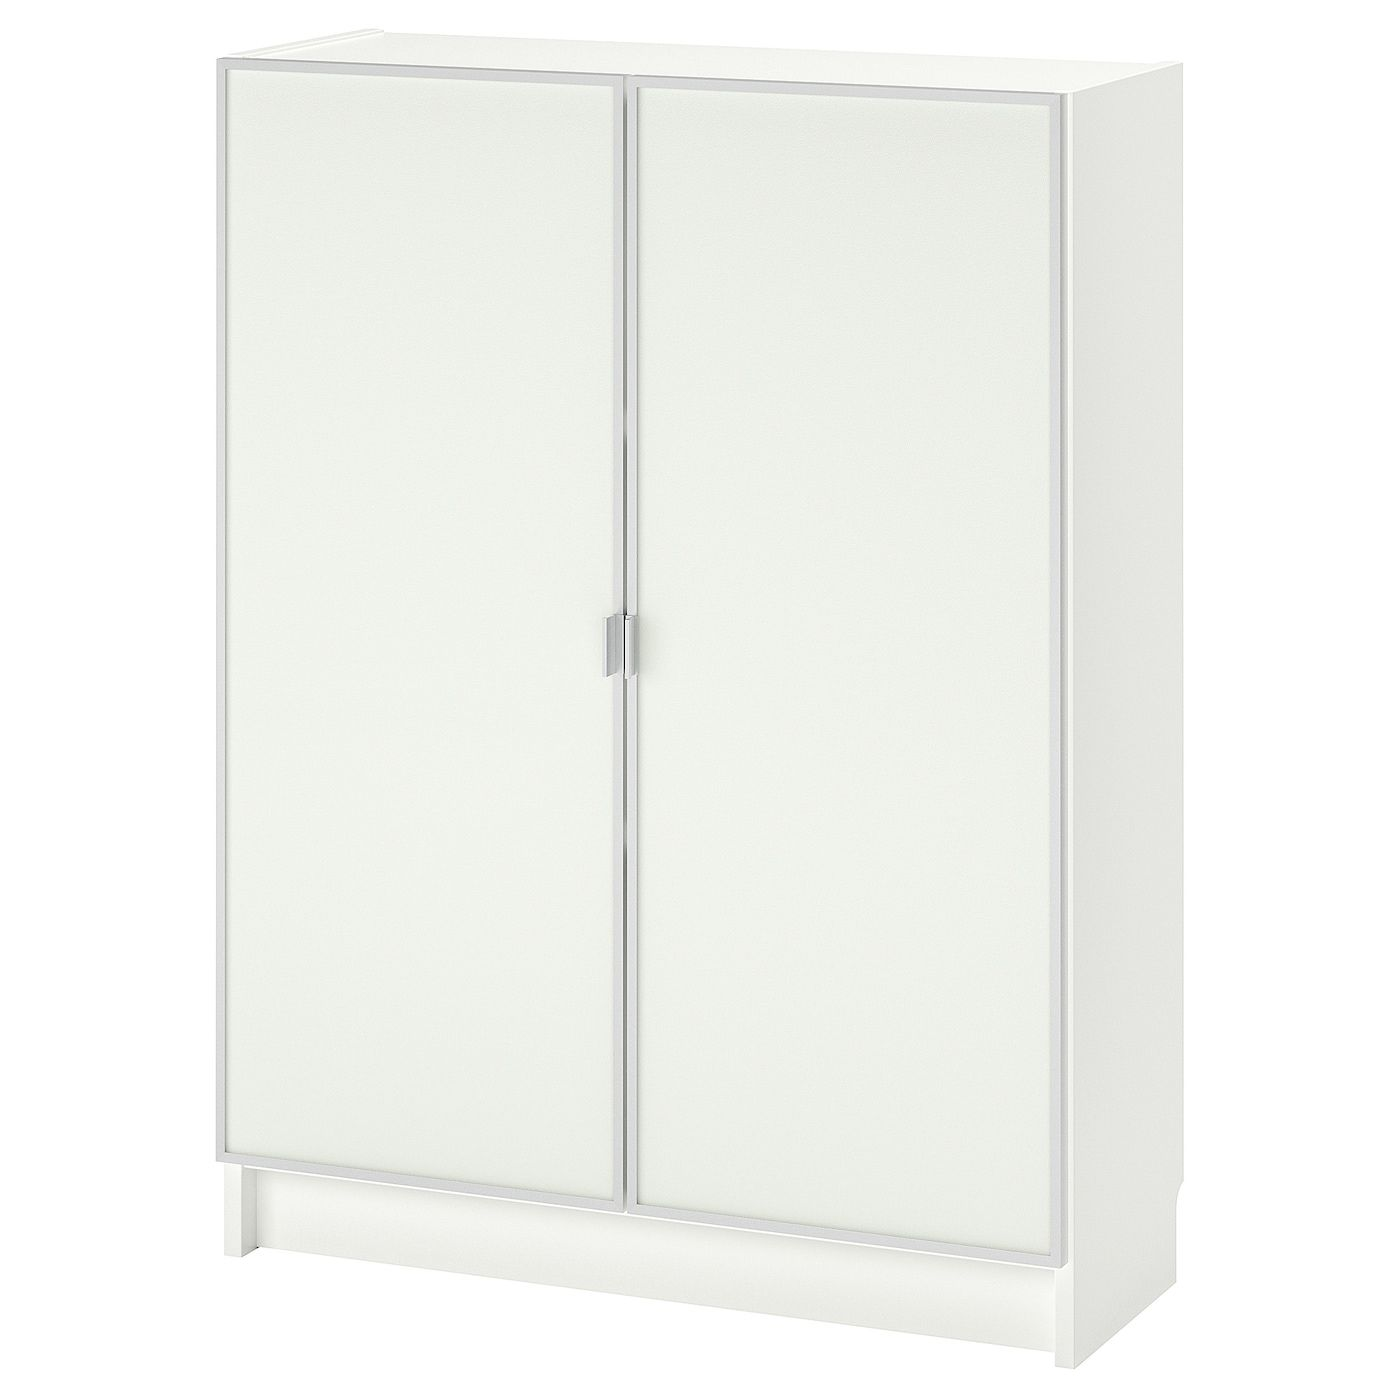 Billy Morliden Boekenkast Met Glazen Deur In 2020 Bookcase With Glass Doors Glass Cabinet Doors Glass Door